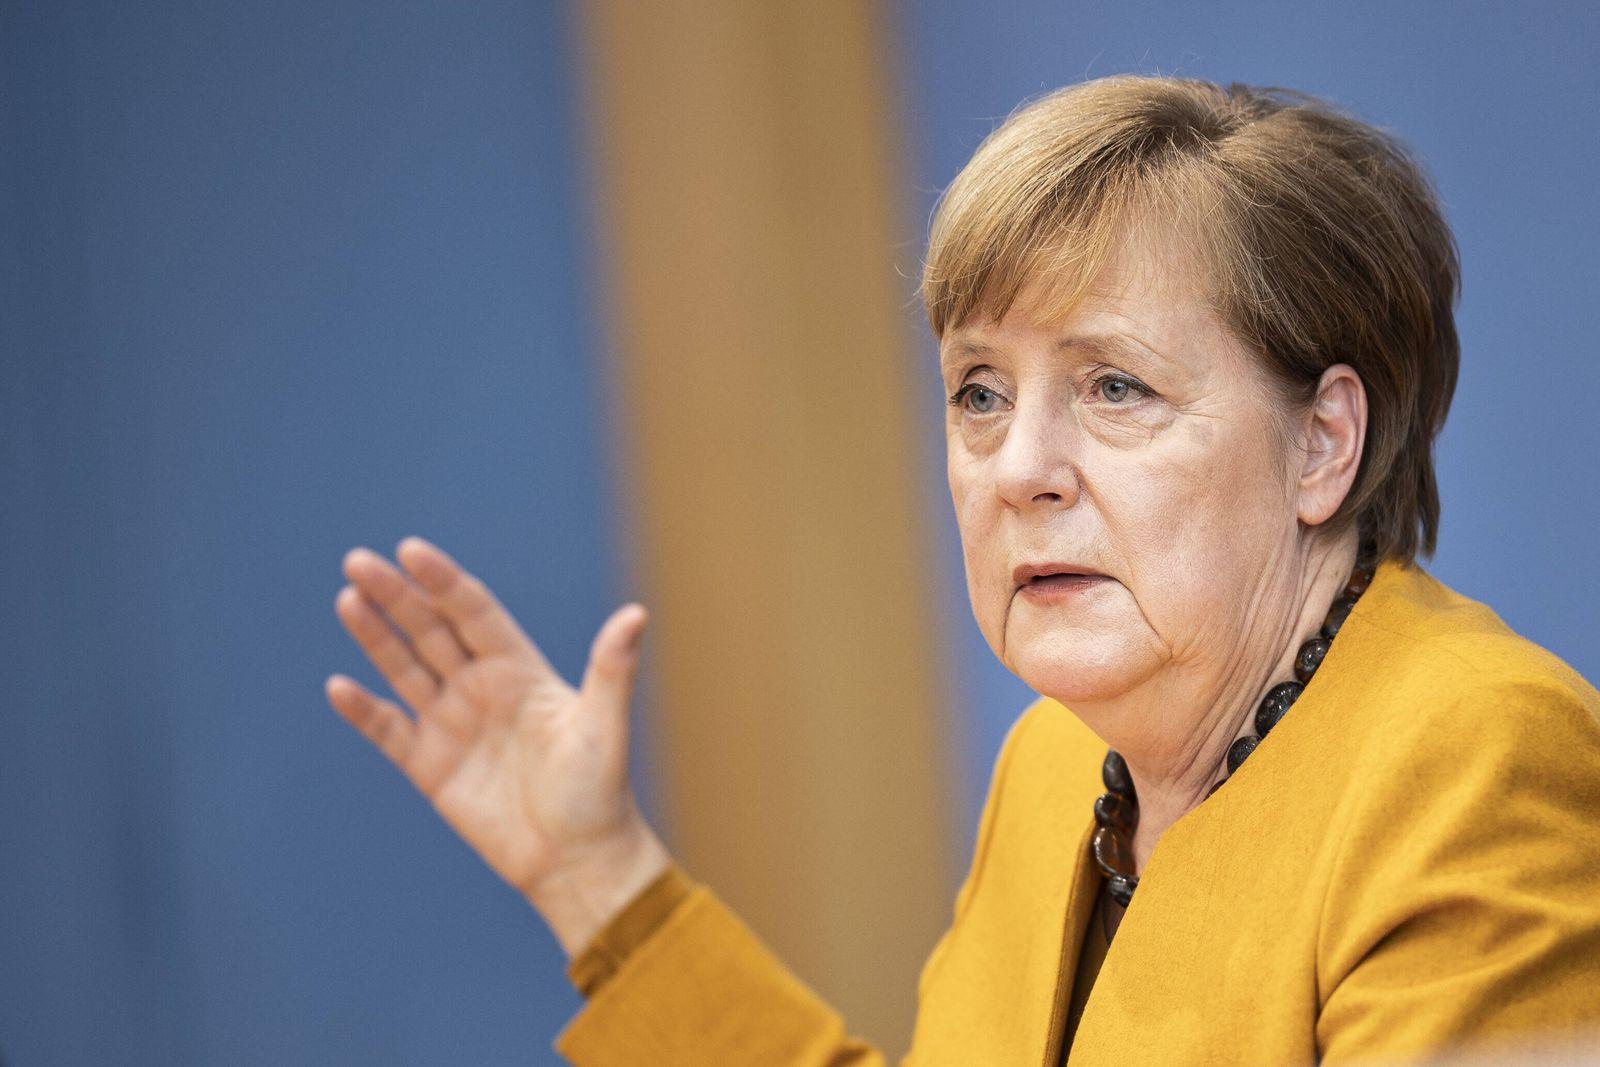 Angela Merkel, Bundeskanzlerin, aufgenommen im Rahmen einer Bundespressekonferenz nach der Sitzung des Corona-Kabinetts